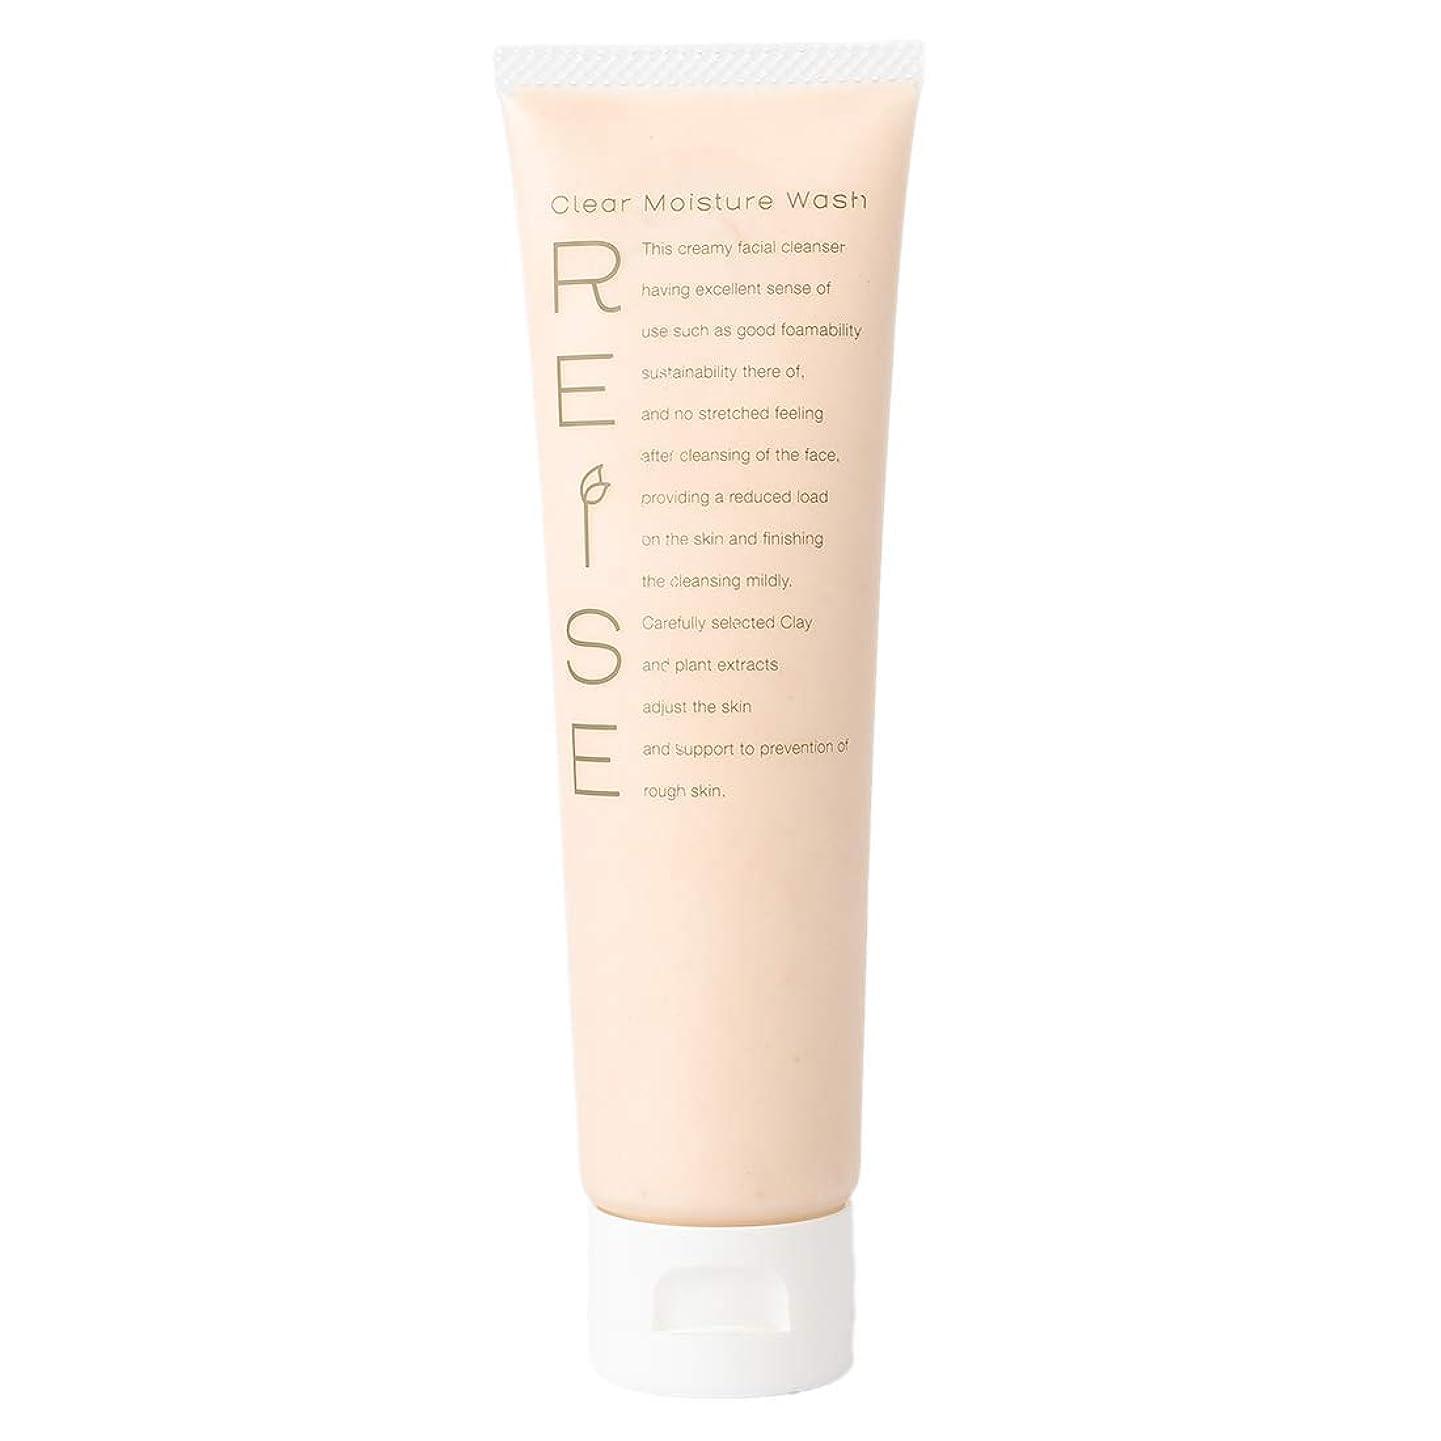 シャーマークダウン傾向があるライゼ クリア保湿ウォッシュ105g 発酵卵白の羽泡で潤って洗う 洗顔フォーム